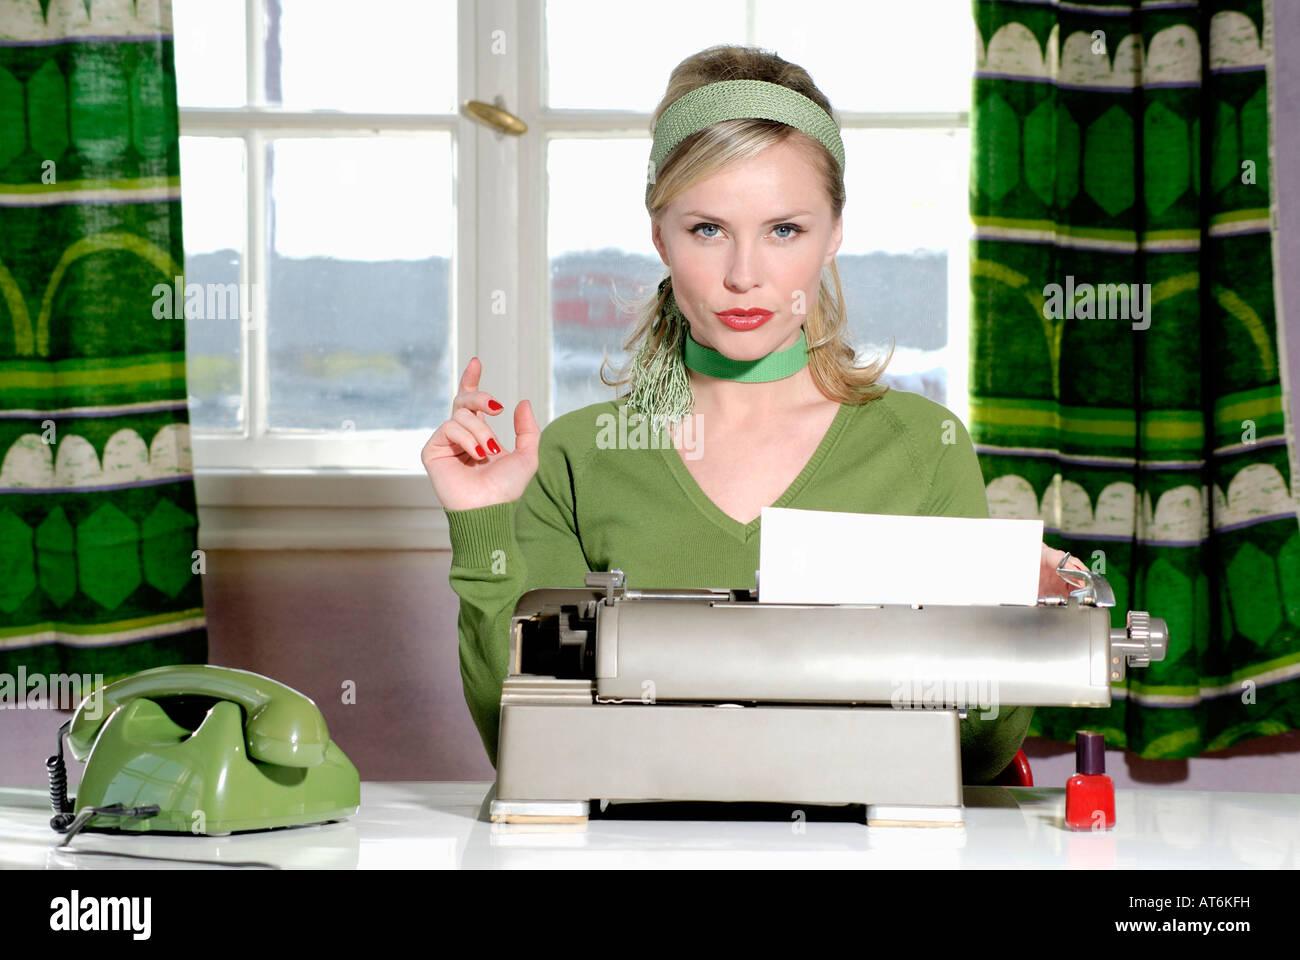 Mujer joven sentado en un escritorio, close-up Imagen De Stock